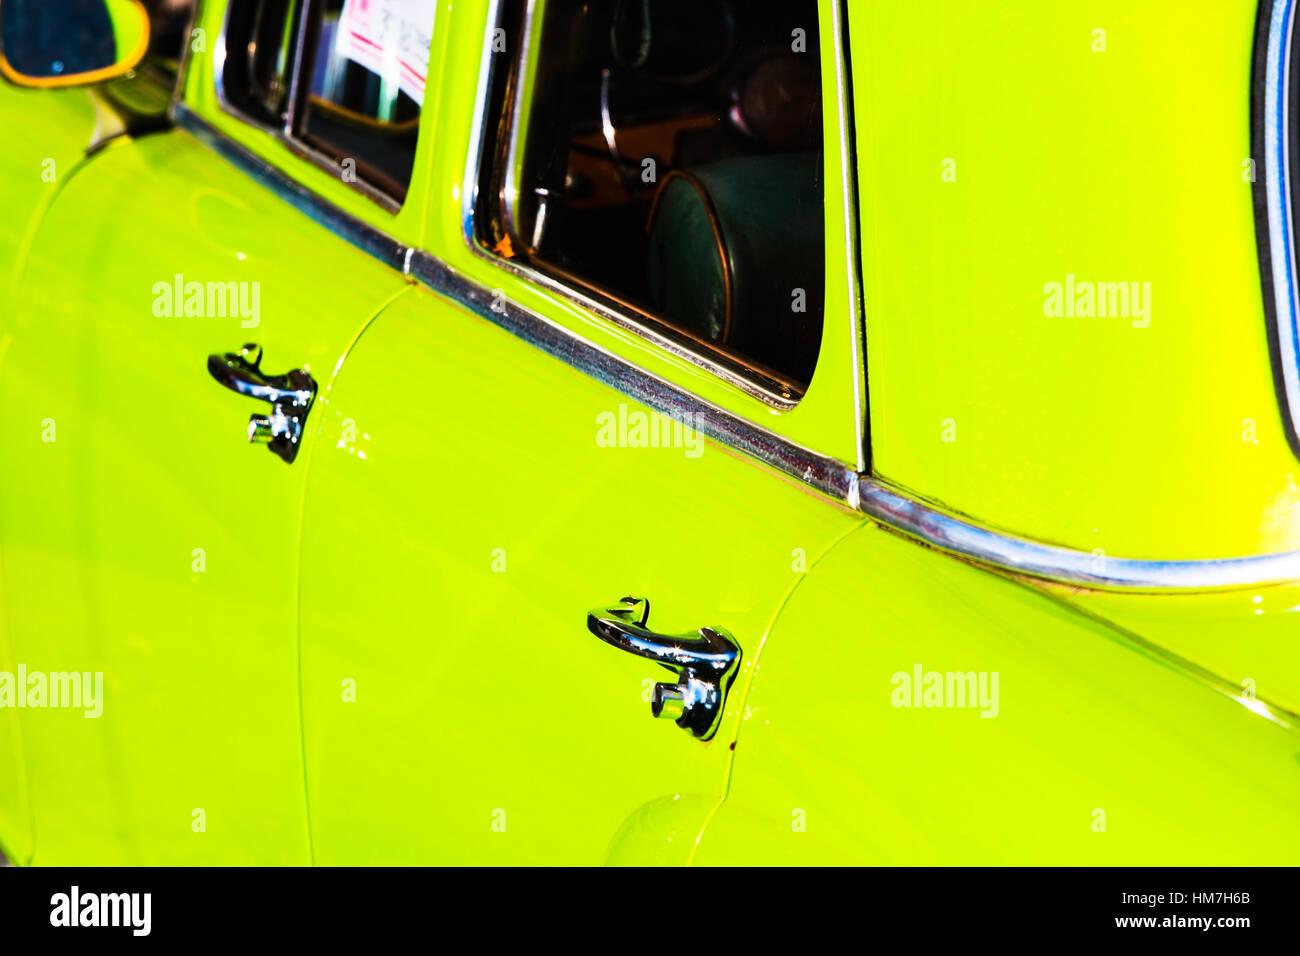 Türen und Fenster des grünen Autos Stockbild